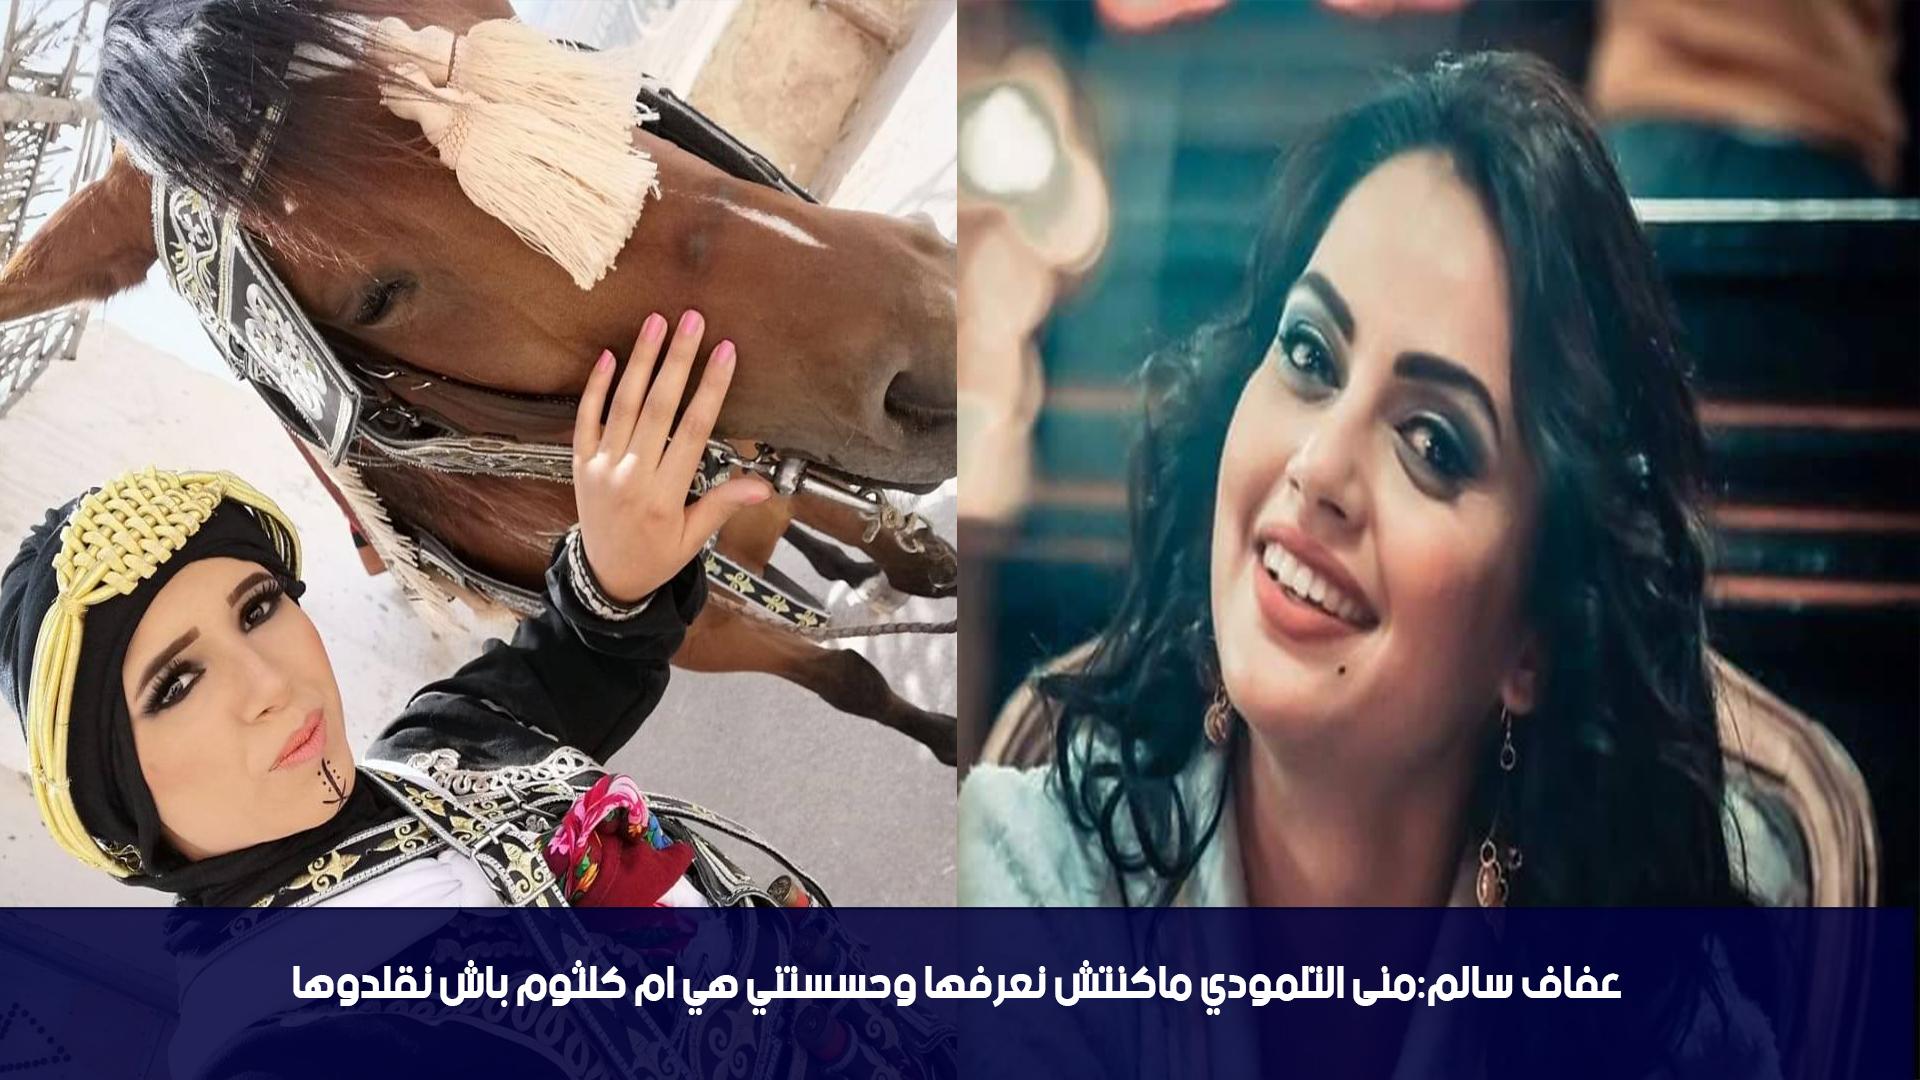 عفاف سالم:منى التلمودي ماكنتش نعرفها وحسستني هي ام كلثوم باش نقلدوها